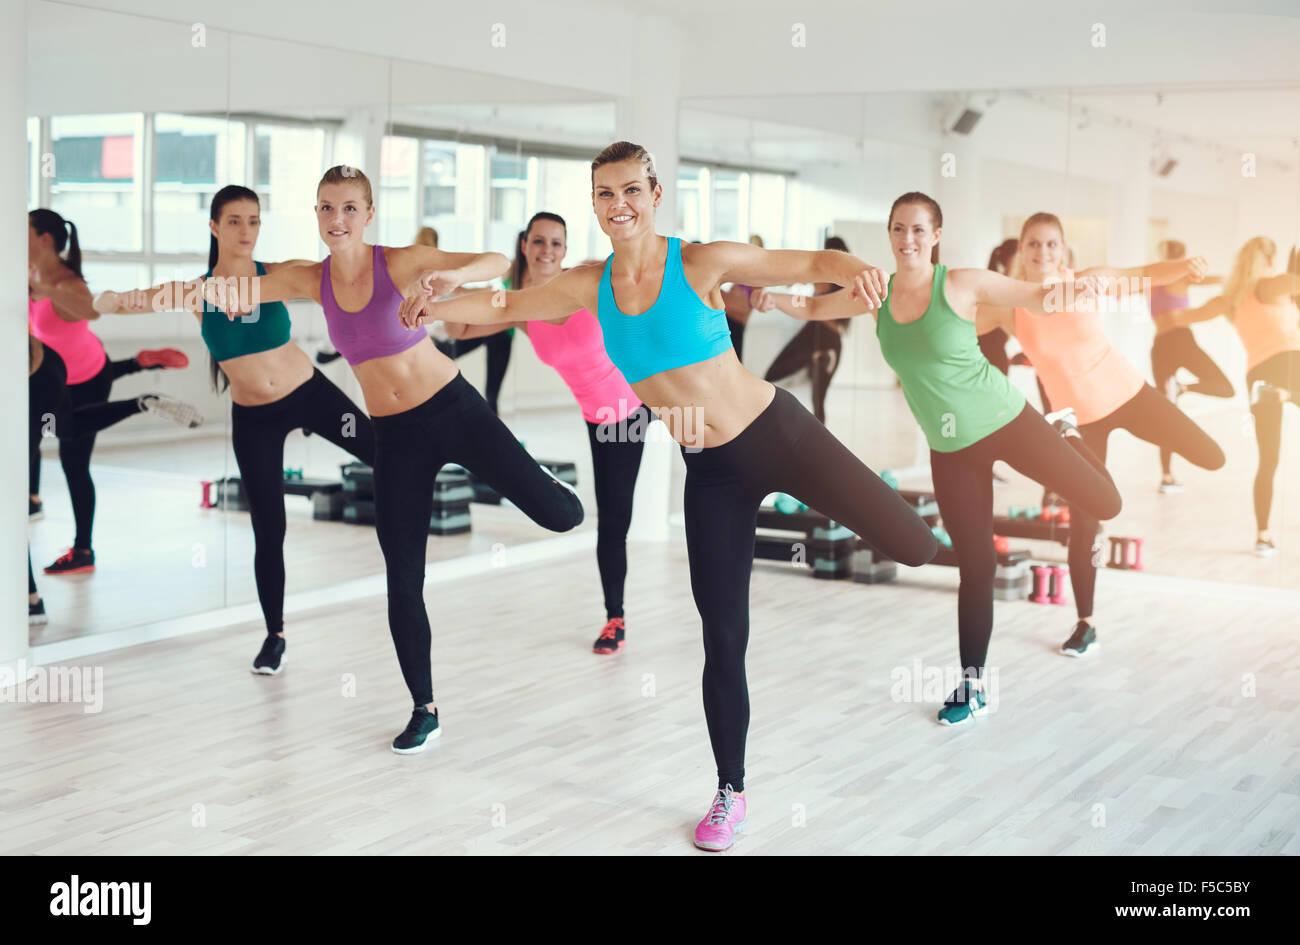 grand groupe de mettre en place des jeunes femmes travaillant dans une salle de sport faire des